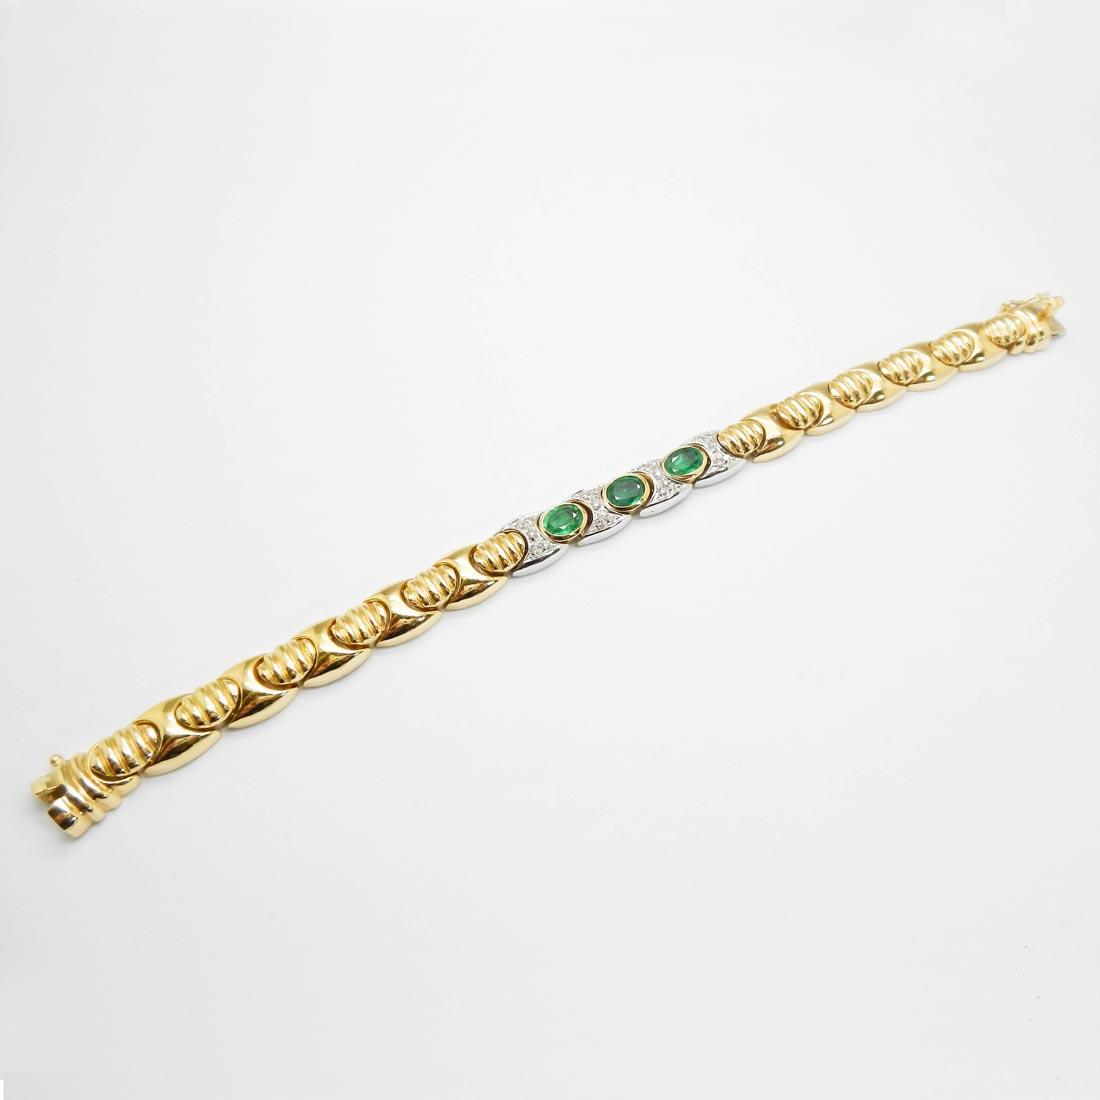 il-marchese-diamonds-gioielli-artigianali-bracciale-maglia-oro-giallo-smeraldi-pezzi-unici-collezione-3